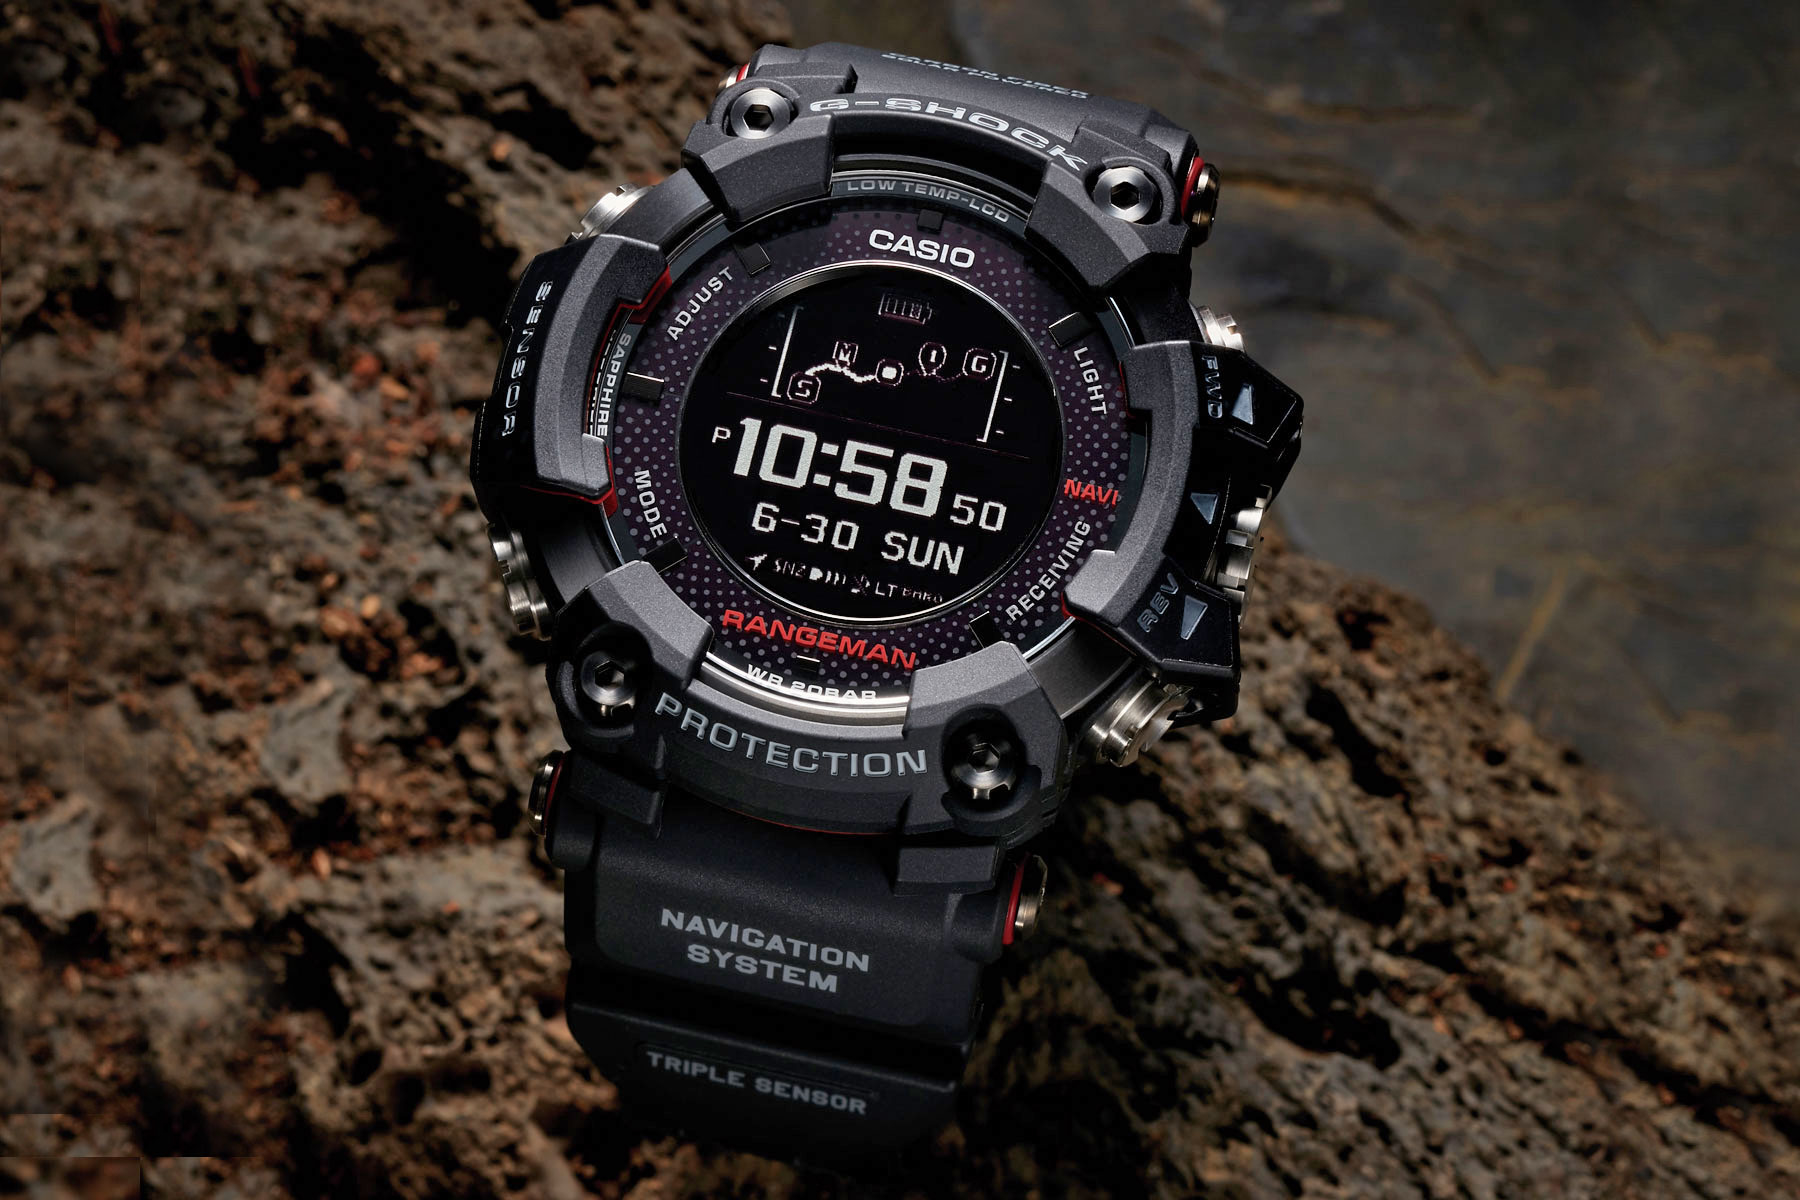 Este reloj solar con GPS de Casio es ideal para 'survivalistas'